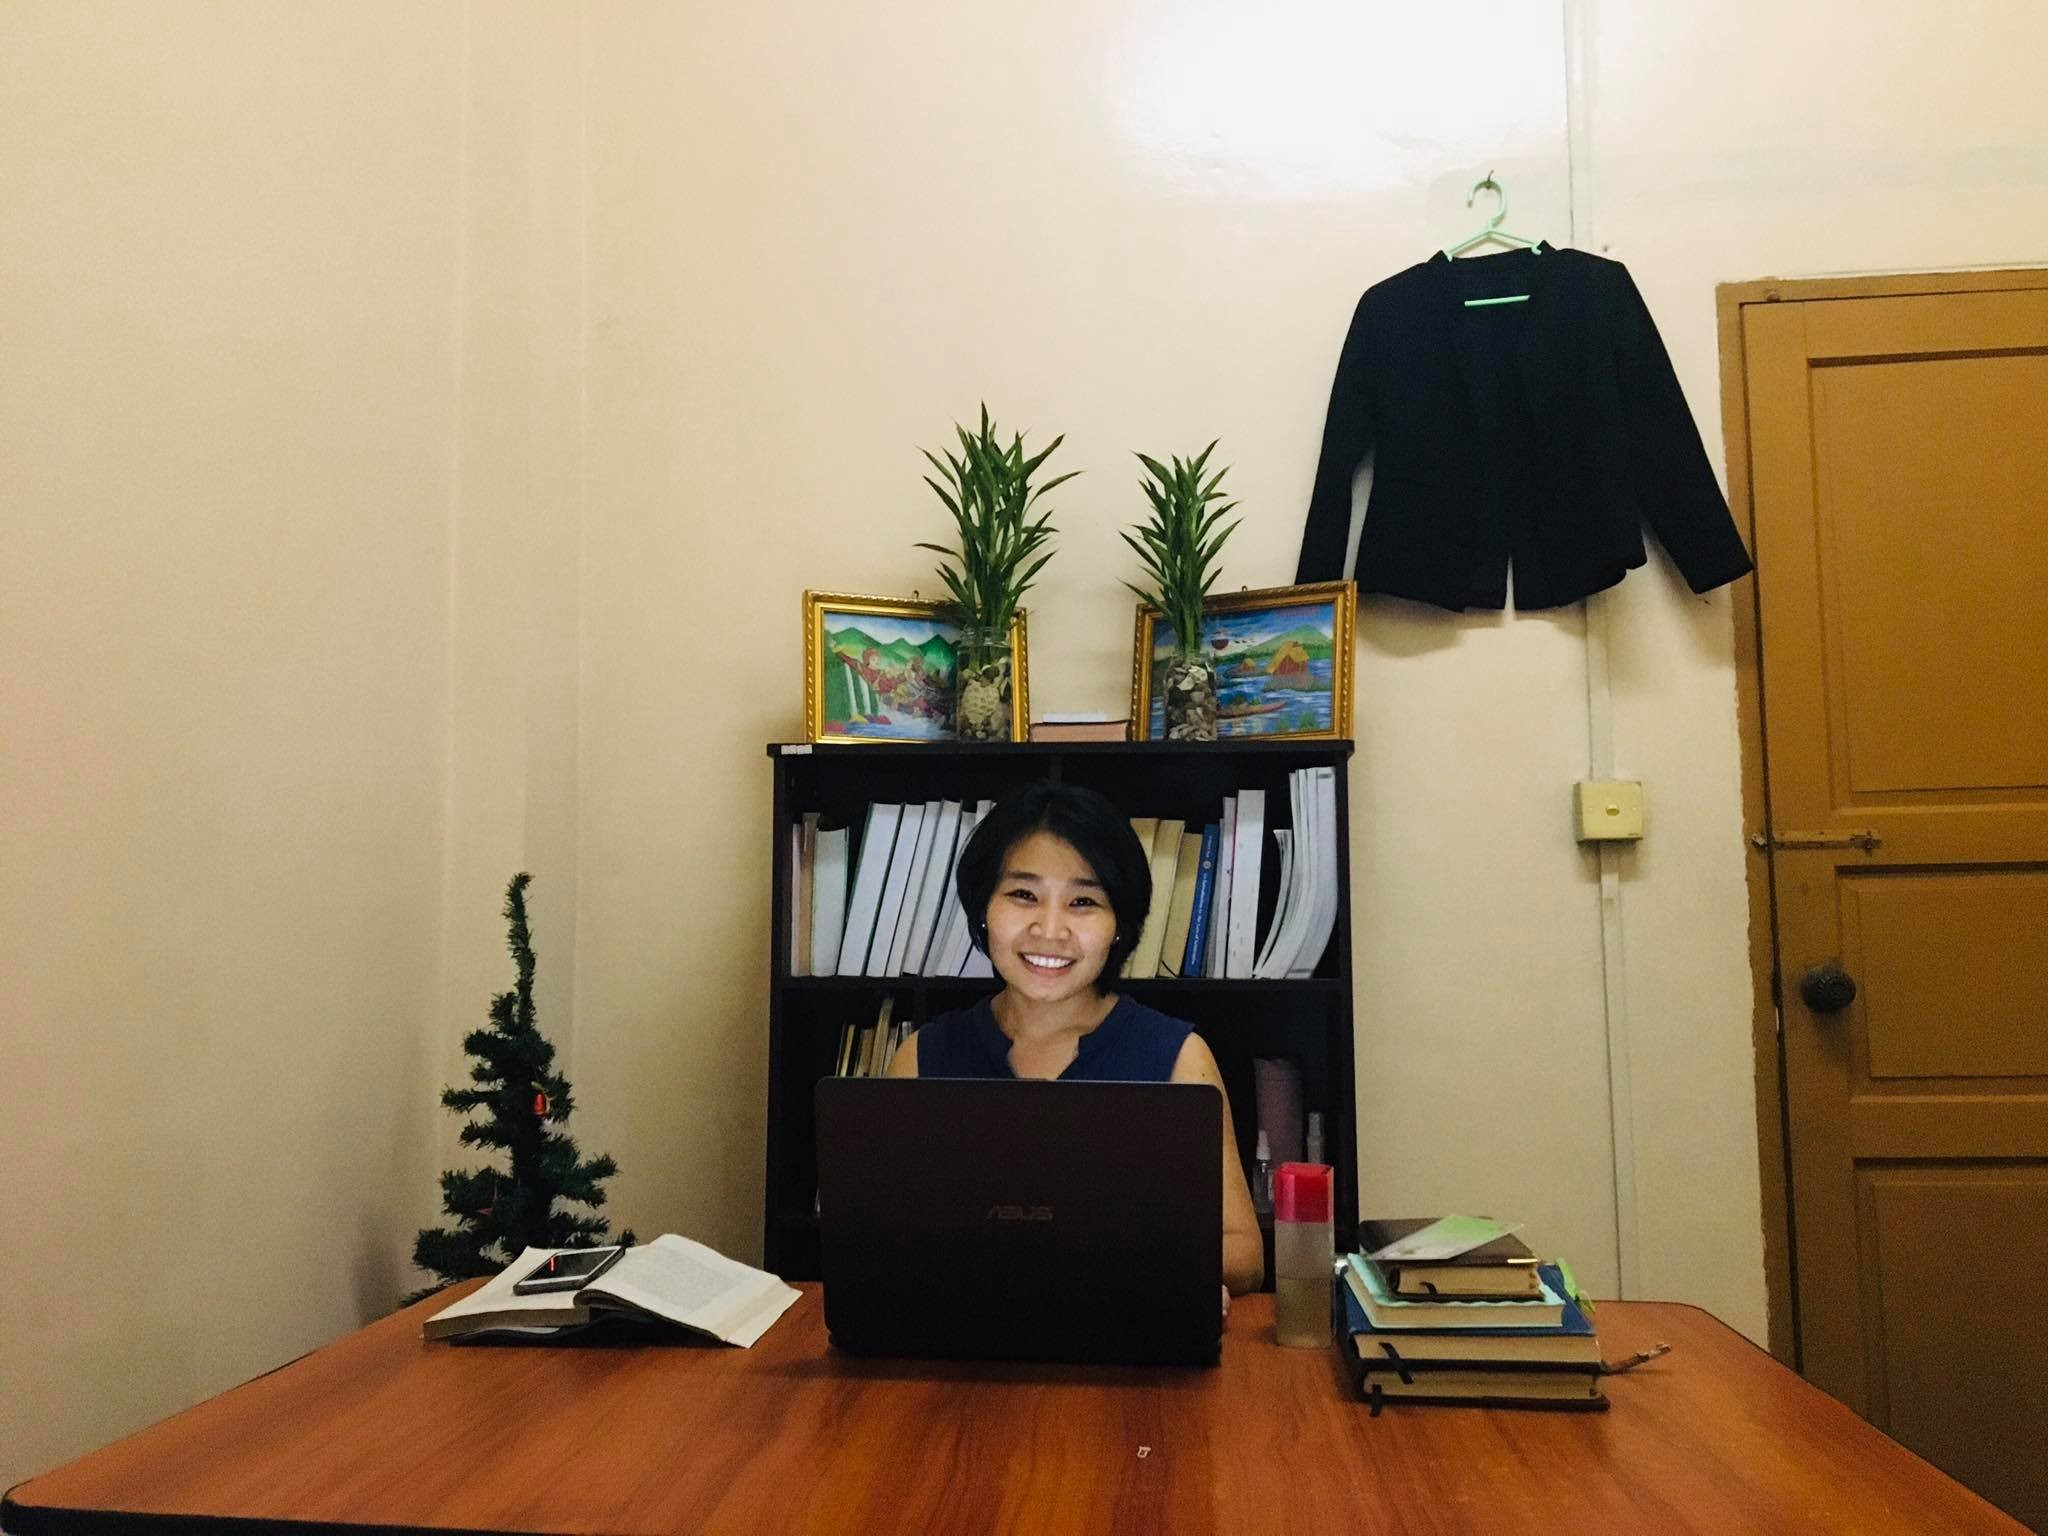 Twe Twe Mya, restée au foyer depuis fin mars, a aménagé la salle informatique du foyer des filles afin de pouvoir travailler en télétravail pour la cabinet d'avocat dans lequel elle est en formation.